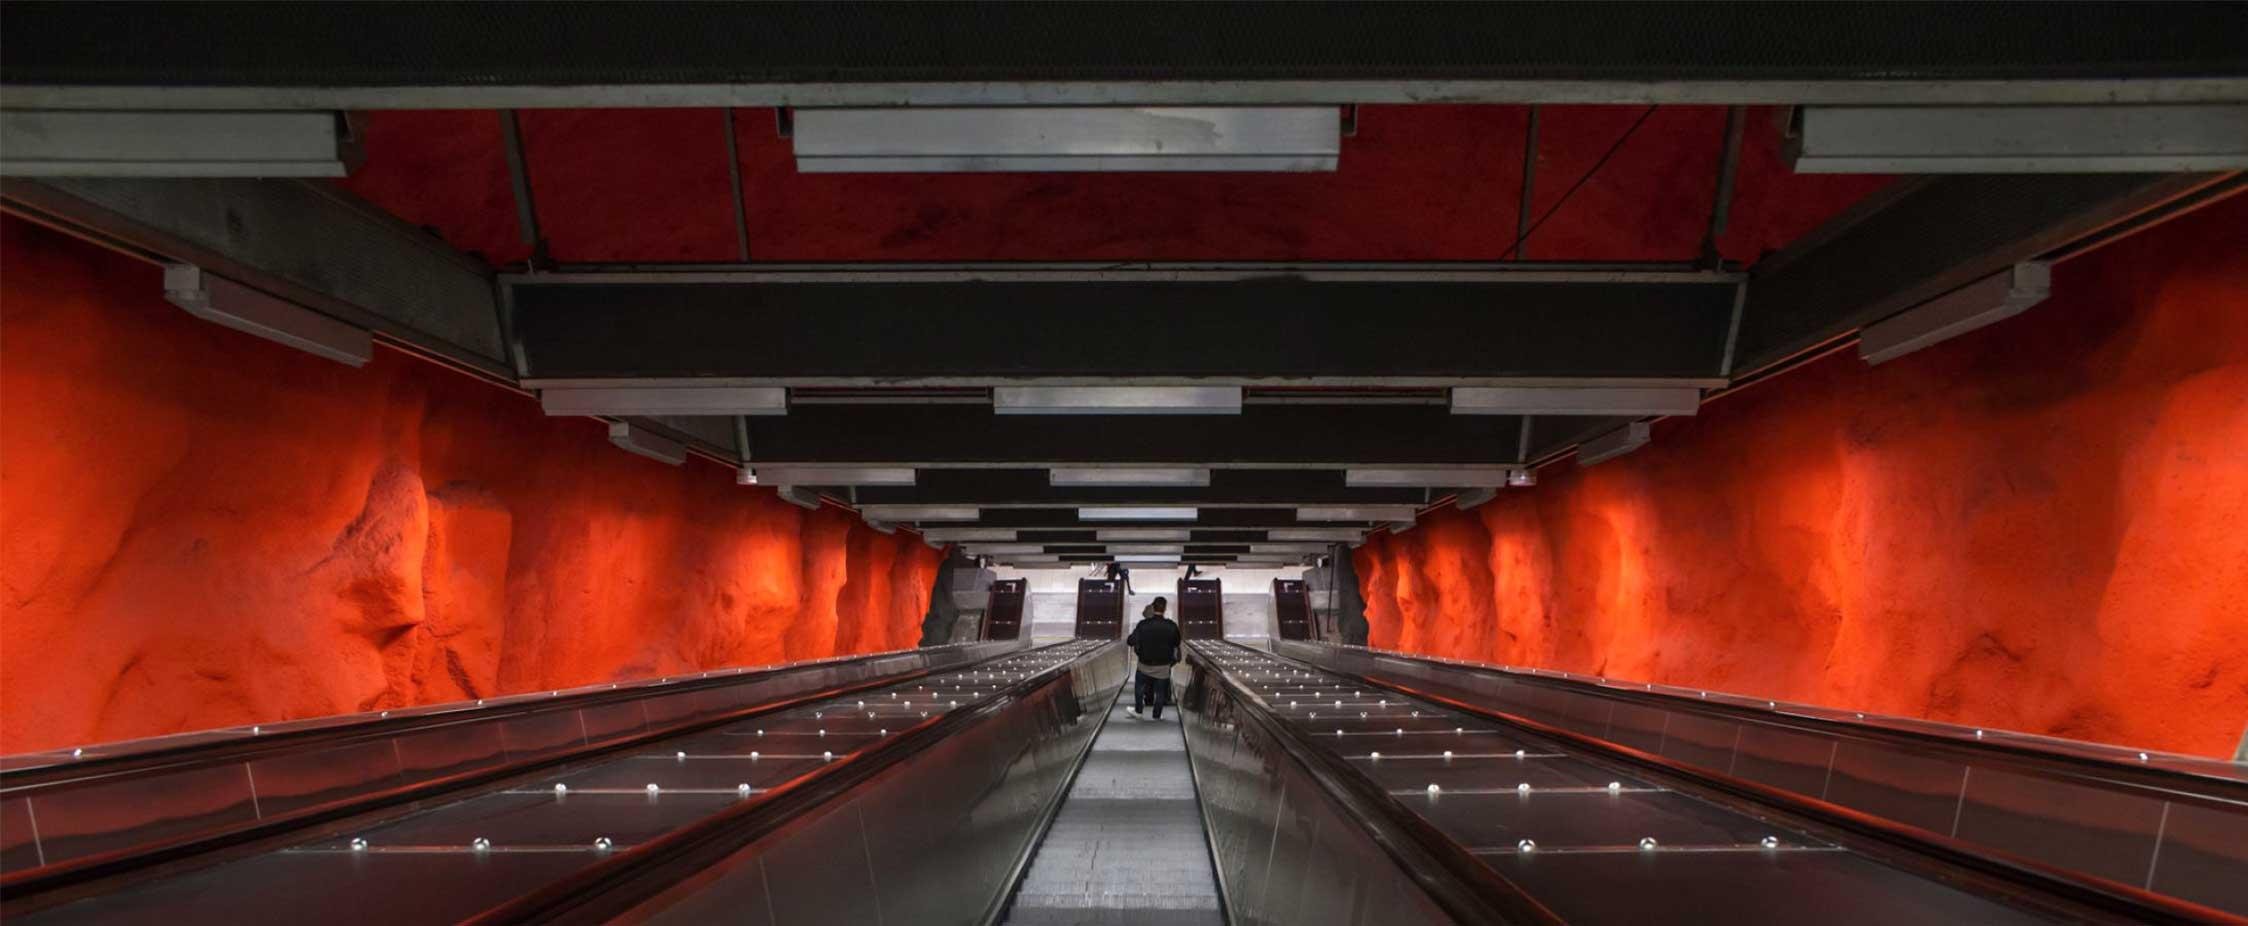 Métro Stockholm - Stéphane Duquesnoy - 187e